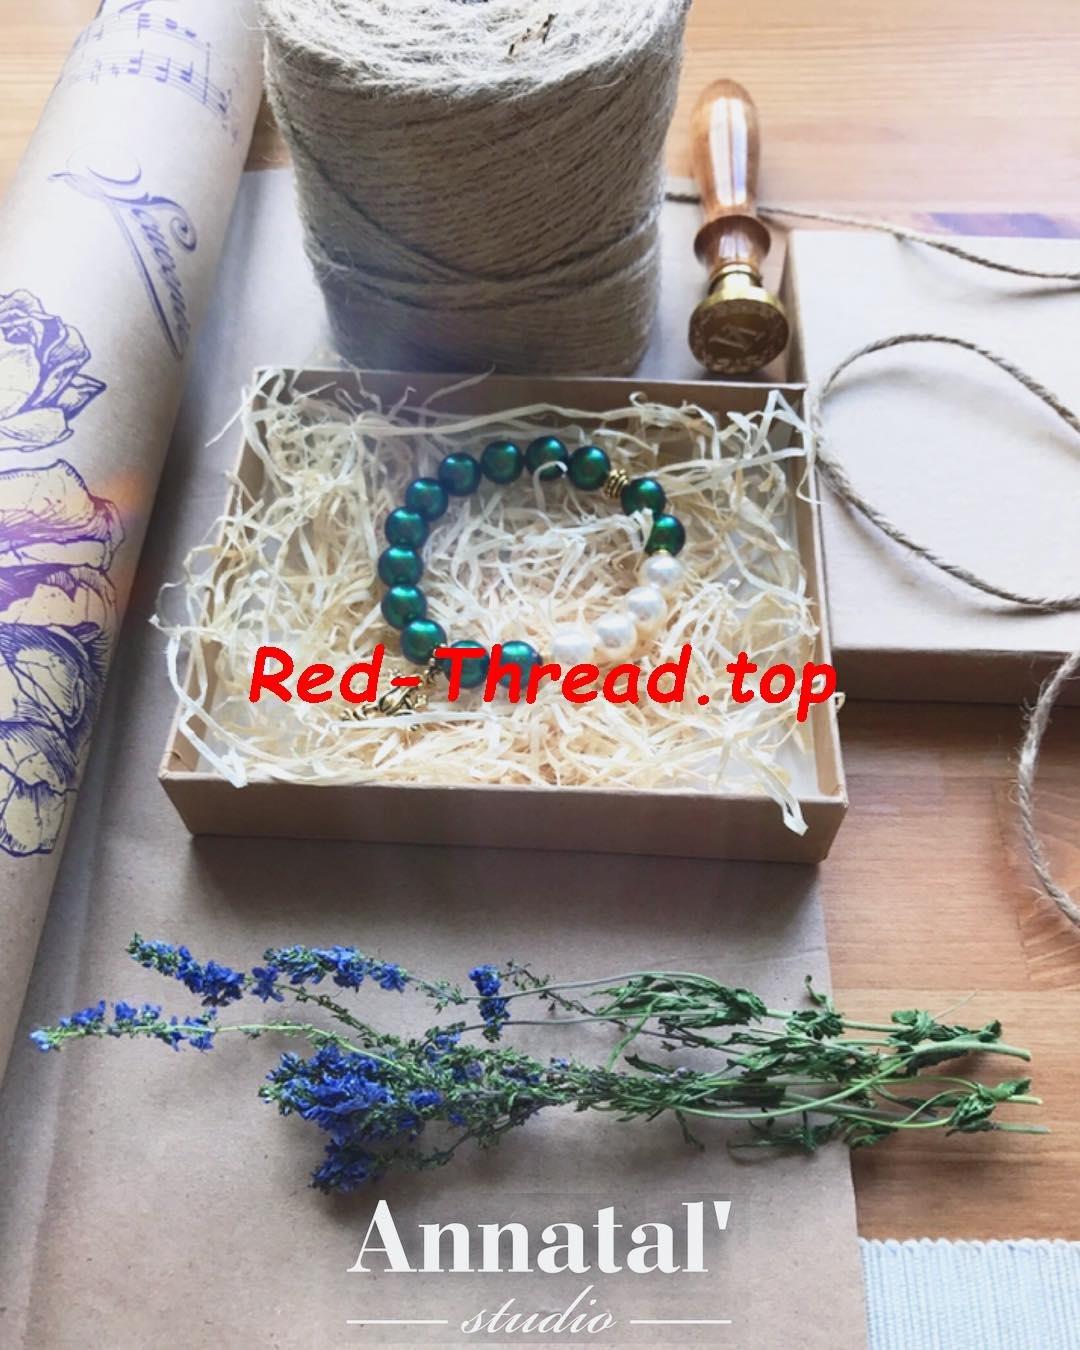 ритуал завязывания красной нитки на правом запястье незамужних